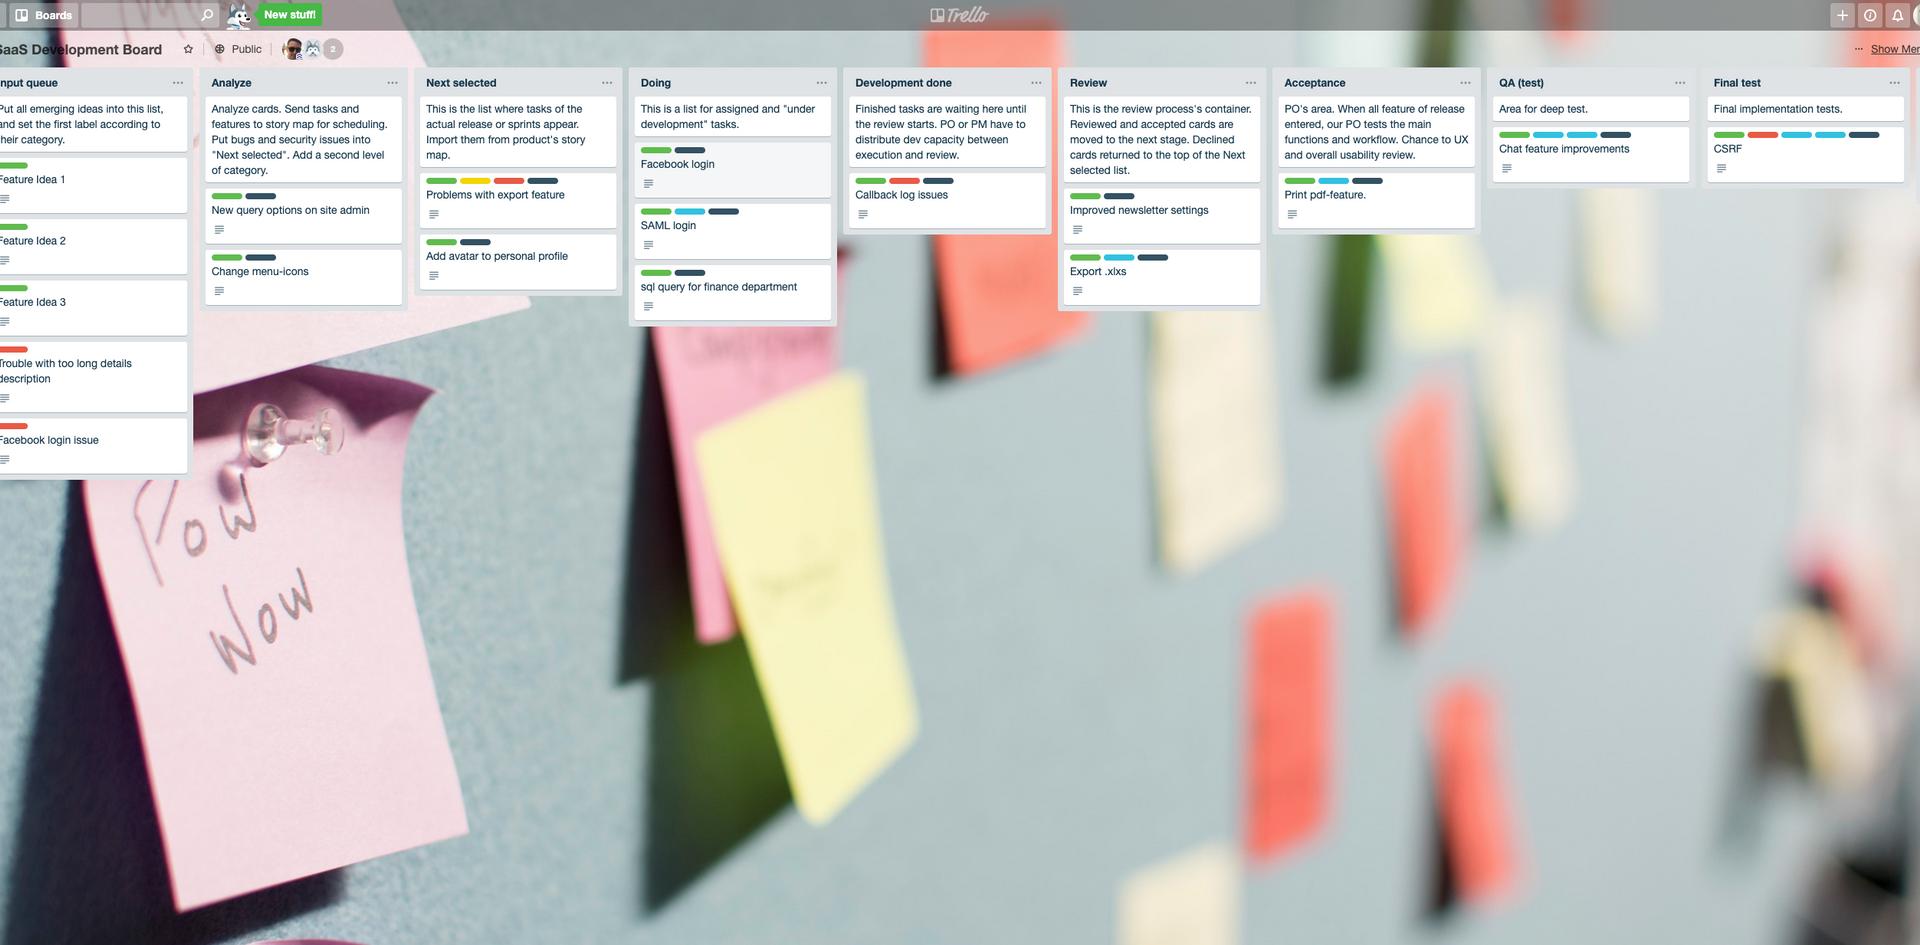 User Stories & Agile/Kanban Board Management